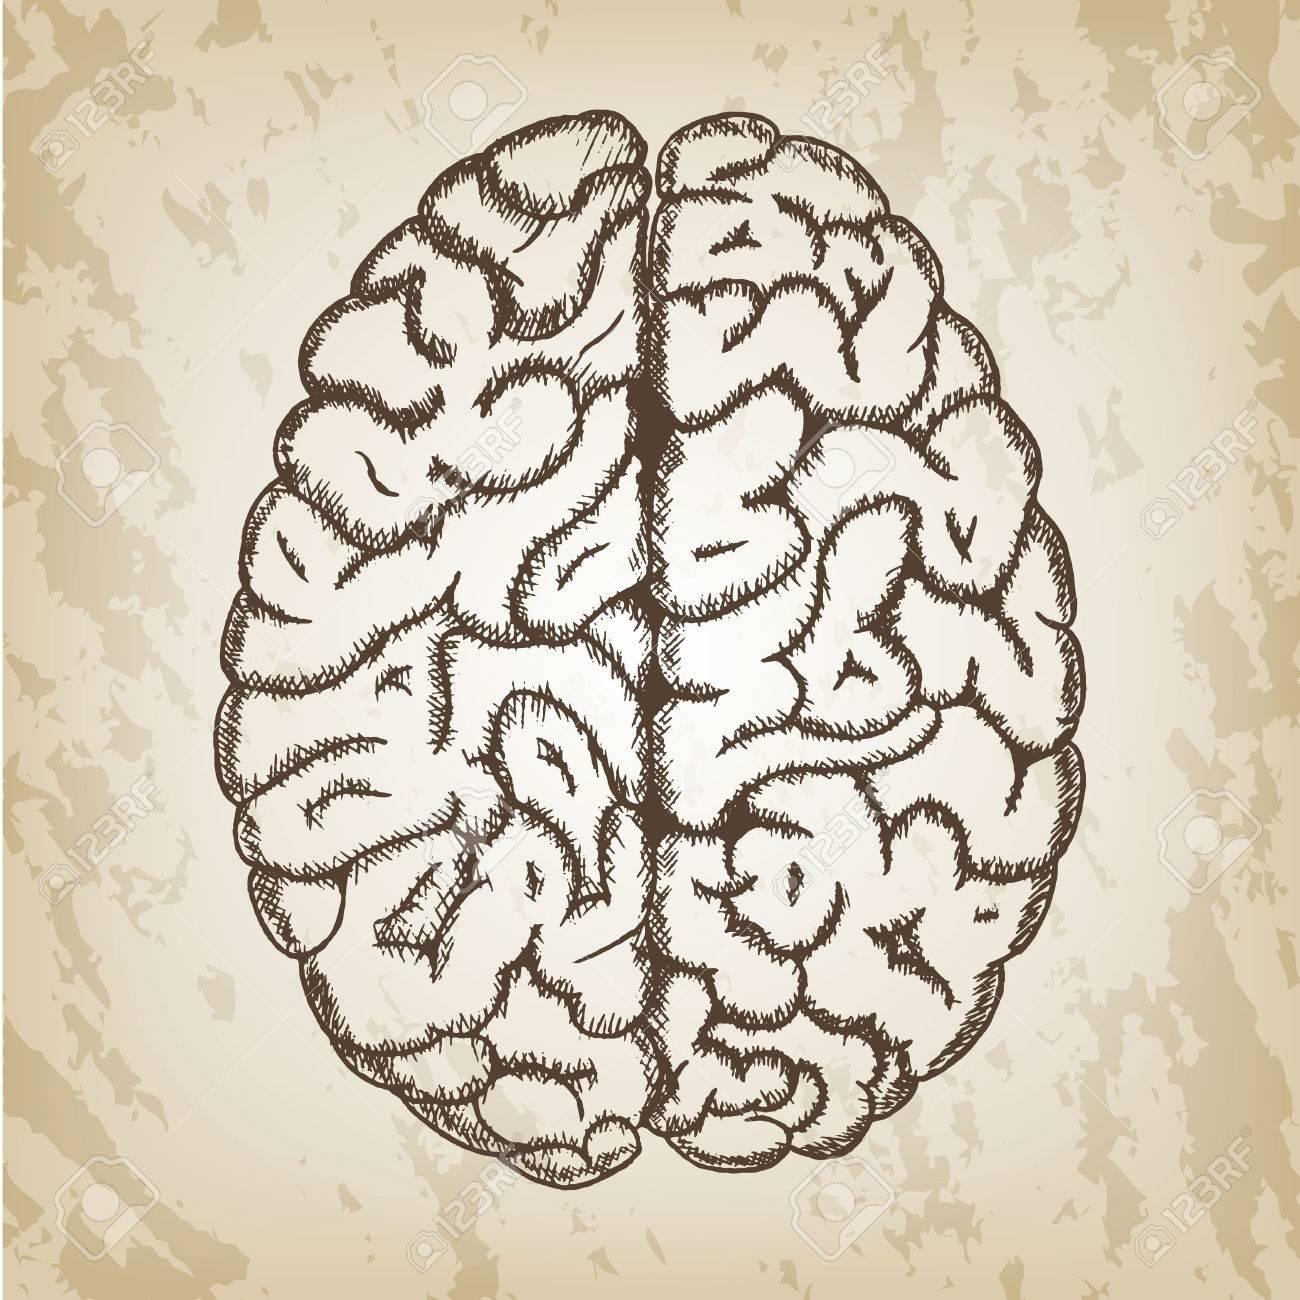 Hand Gezeichnet Vektor-Illustration - Menschliche Gehirn Skizze Mit ...